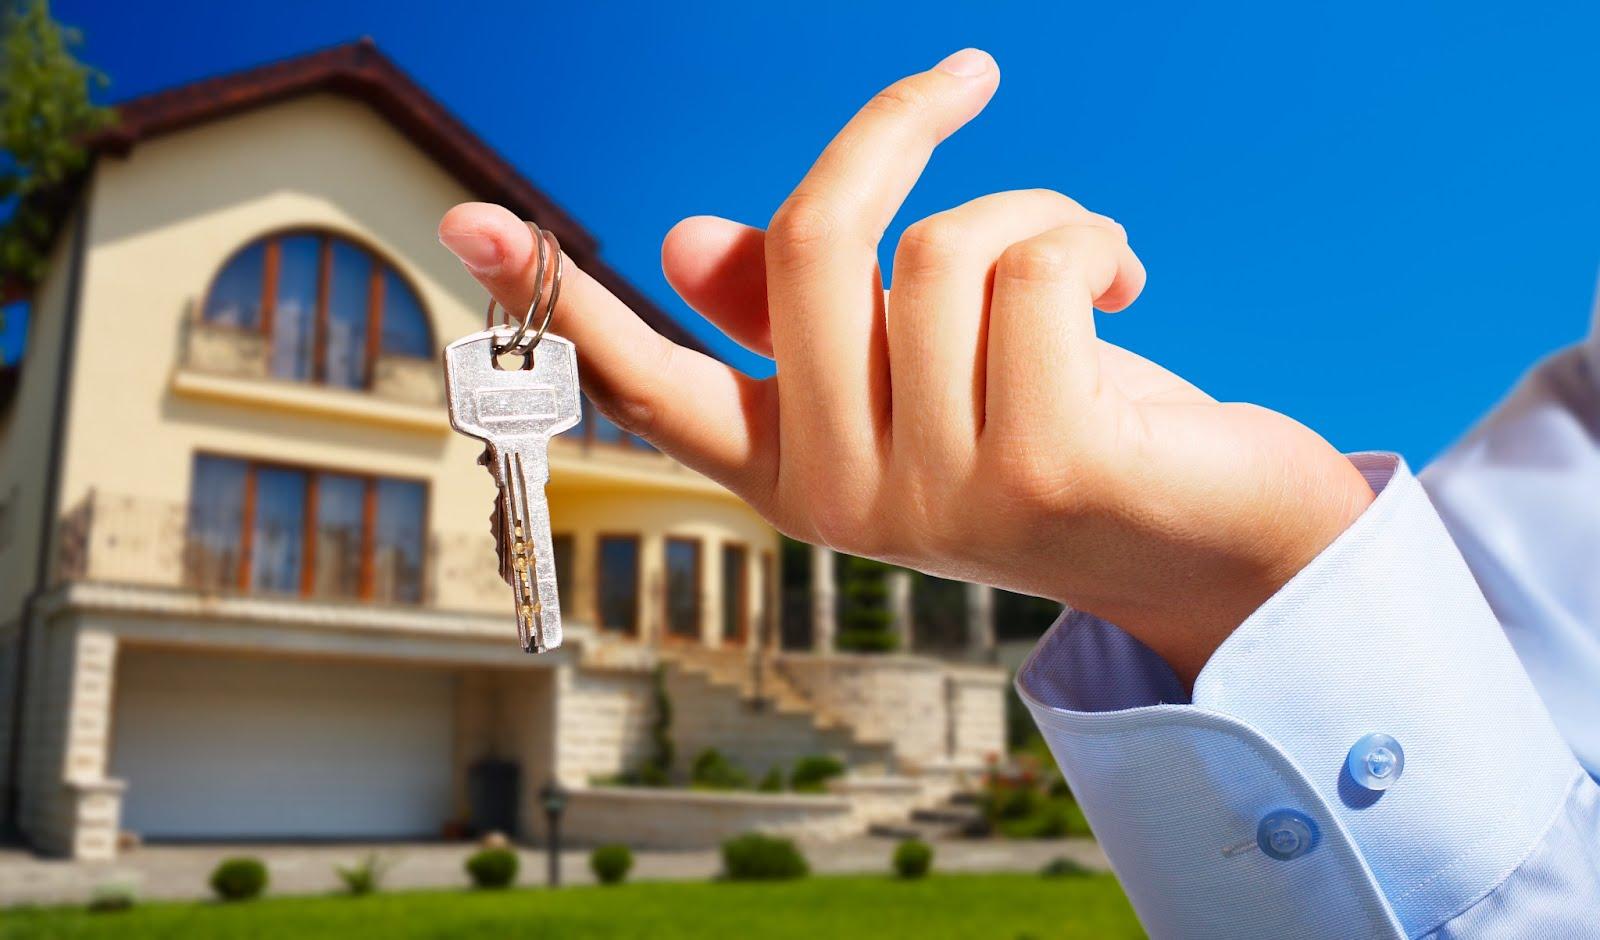 Immobilier : les conditions se durcissent pour les rachats de crédits